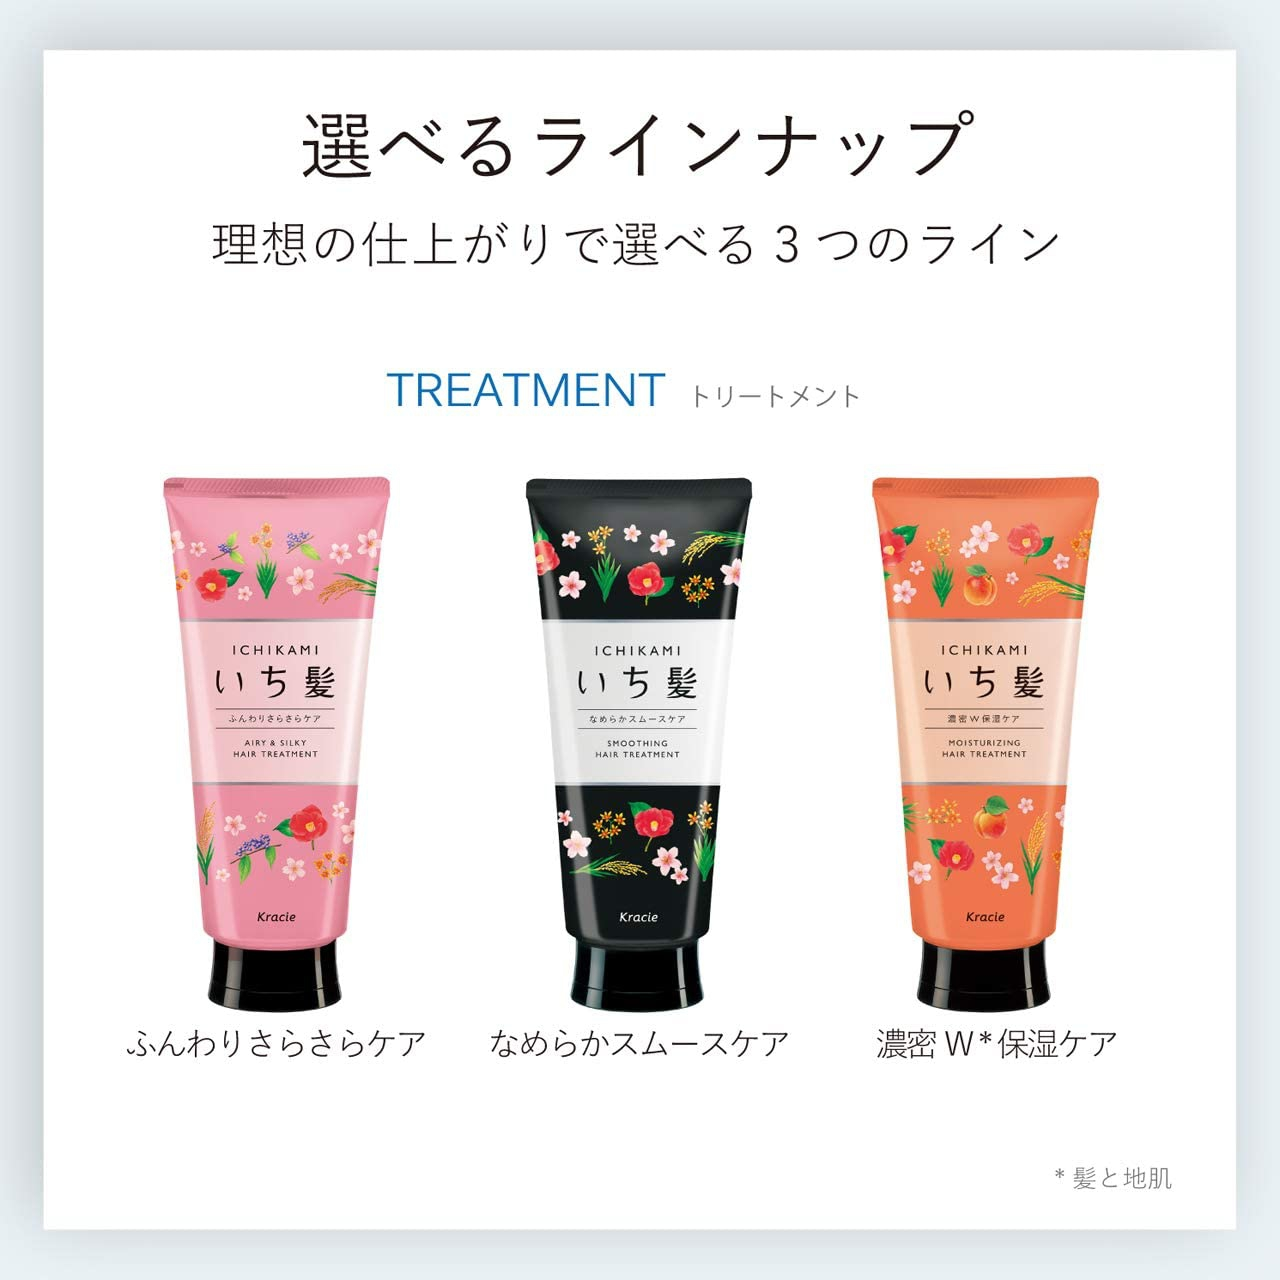 いち髪(ICHIKAMI) なめらかスムースケア トリートメントの商品画像10